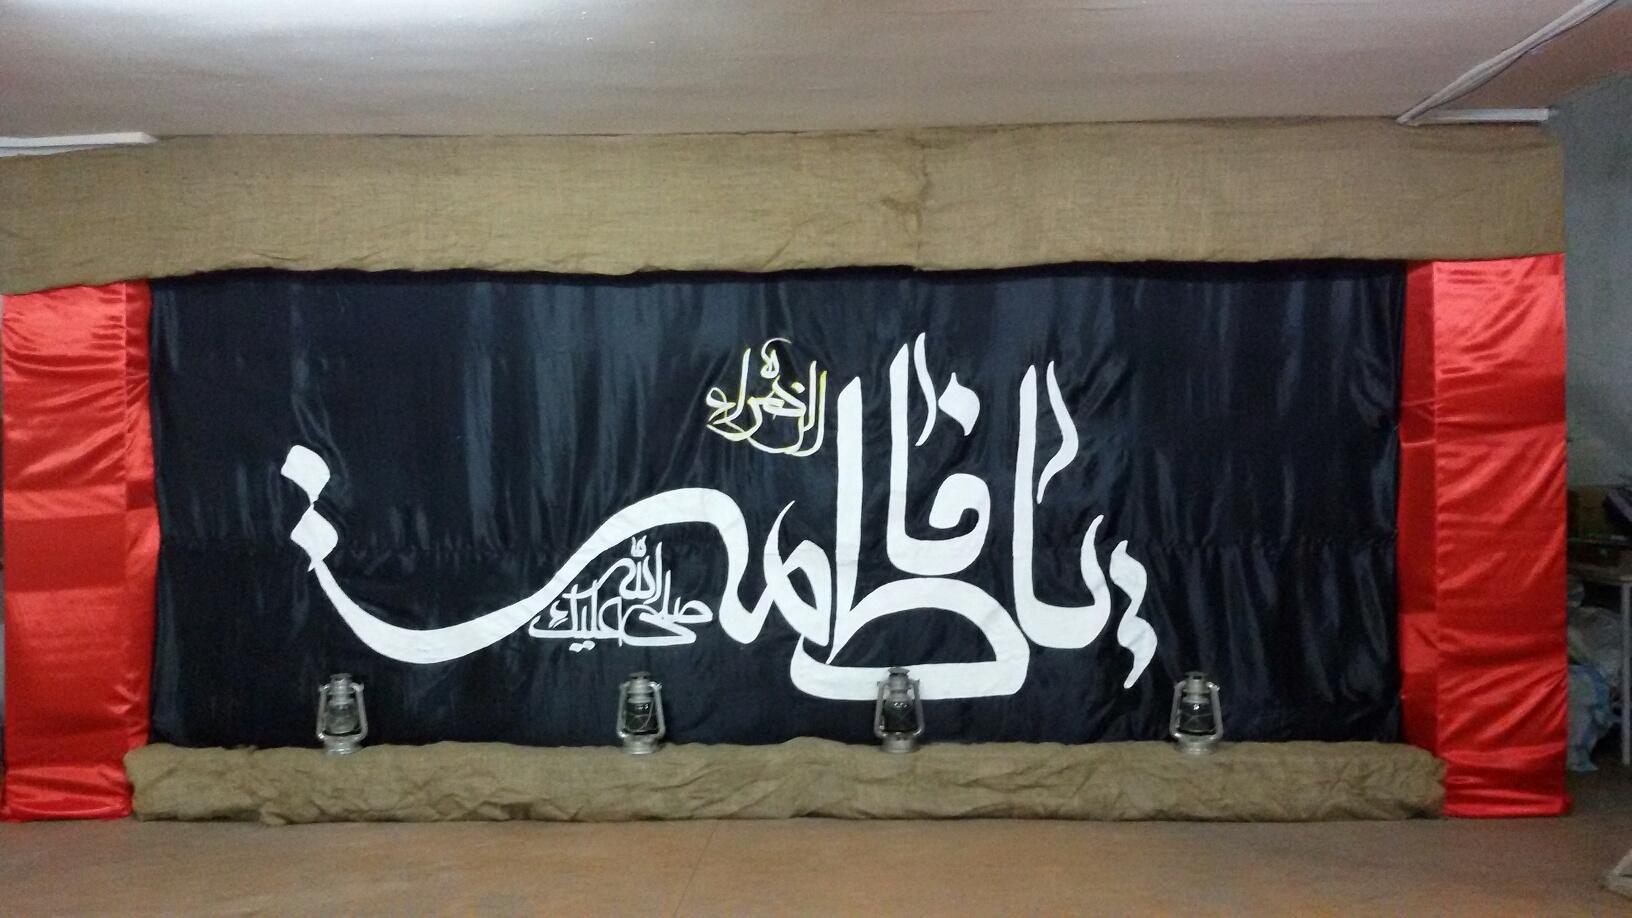 j2zf_www.basijtabari.rzb.ir.jpg